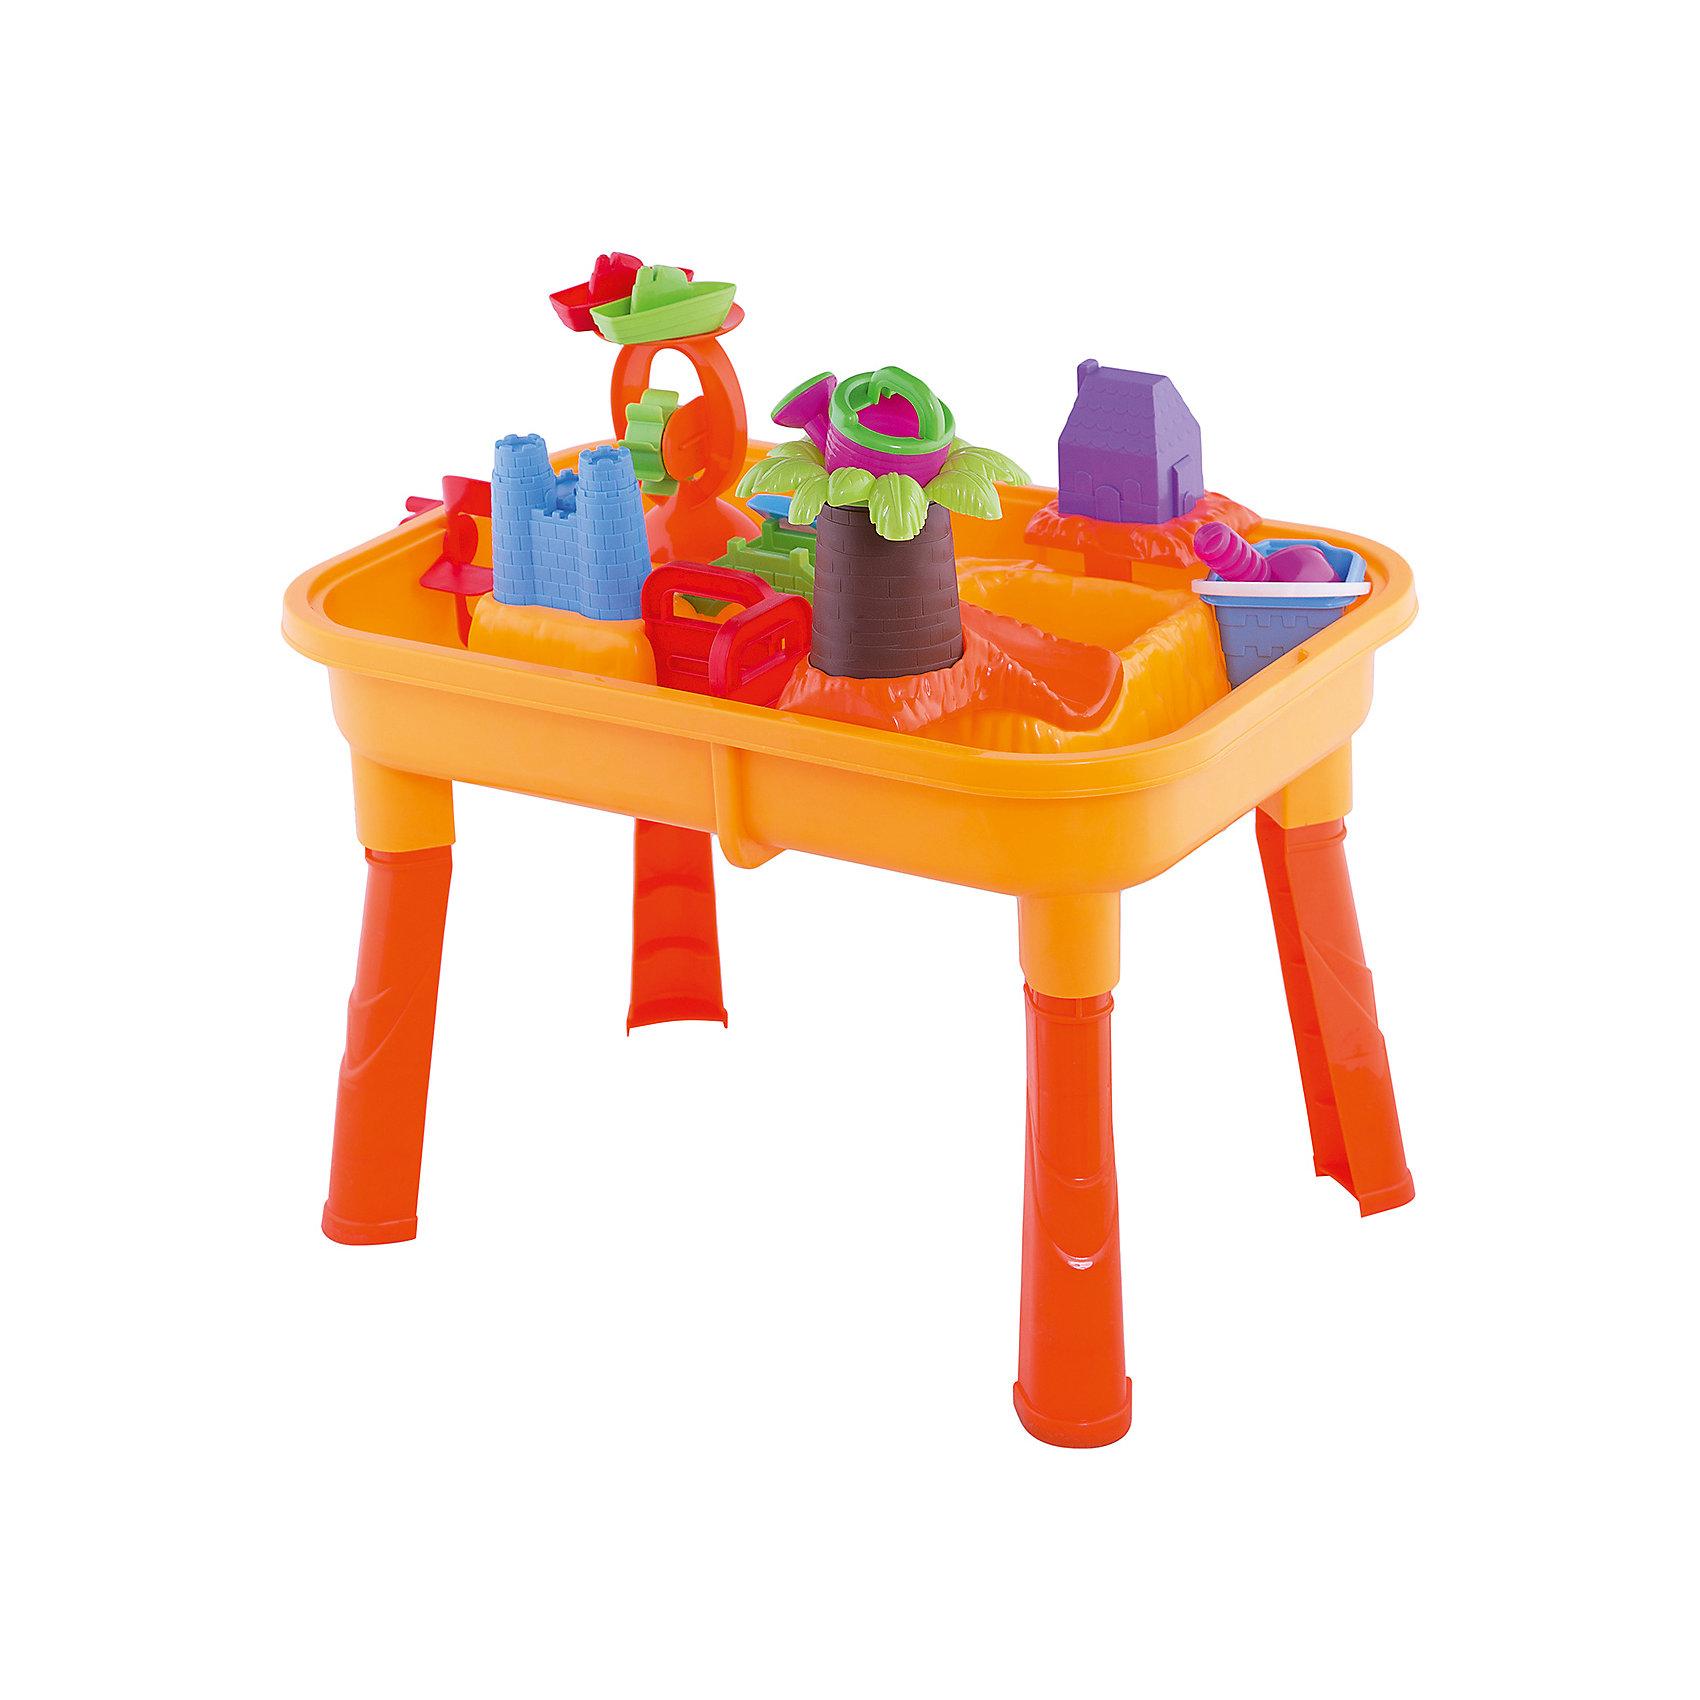 Набор для игры с песком и водой, 18 предметов, Toy TargetИграем в песочнице<br>Набор для игры с песком и водой обязательно приведет в восторг вашего кроху. Набор очень легко собирается - нужно лишь прикрутить пластиковые ножки к столешнице и получится удобное пространство для интересных и полезных игр. Столешница имеет две ёмкости -  одну  для воды,  другую - для песка. Ваш малыш сможет на свой вкус расставлять предметы, строить замок, домик, мостик, мельницу, ворота и многое другое. Игры с песком и водой не только интересны, они развивают мелкую моторику, тактильные ощущения, фантазию, снимают нервное напряжение. Набор выполнен из высококачественного прочного пластика, легко собирается и разбирается, занимает мало места при хранении и транспортировке; его  можно брать с собой на дачу или пикник.<br><br>Дополнительная информация:<br><br>- Комплектация: столешница и 4 ножки; пальма с горкой (4 детали); водяная (песочная) мельница; лопасти;  ворота-загородки (2 шт.); мостик; домик и башни замка (можно использовать как формочки); замковый мостик; совок и грабельки на двух сторонах (длина 22 см); черпачок; леечка; кораблики ( 2 шт.); ведерко.<br>- Материал: пластик.<br>- Размер ( с ножками): 67х42х40 см.<br>- Размер (без ножек): 67х42х15 см.<br>- Артикул 44002.<br><br>Набор для игры с песком и водой, Toy Target можно купить в нашем магазине.<br><br>Ширина мм: 630<br>Глубина мм: 140<br>Высота мм: 420<br>Вес г: 2600<br>Возраст от месяцев: 36<br>Возраст до месяцев: 60<br>Пол: Унисекс<br>Возраст: Детский<br>SKU: 4018269